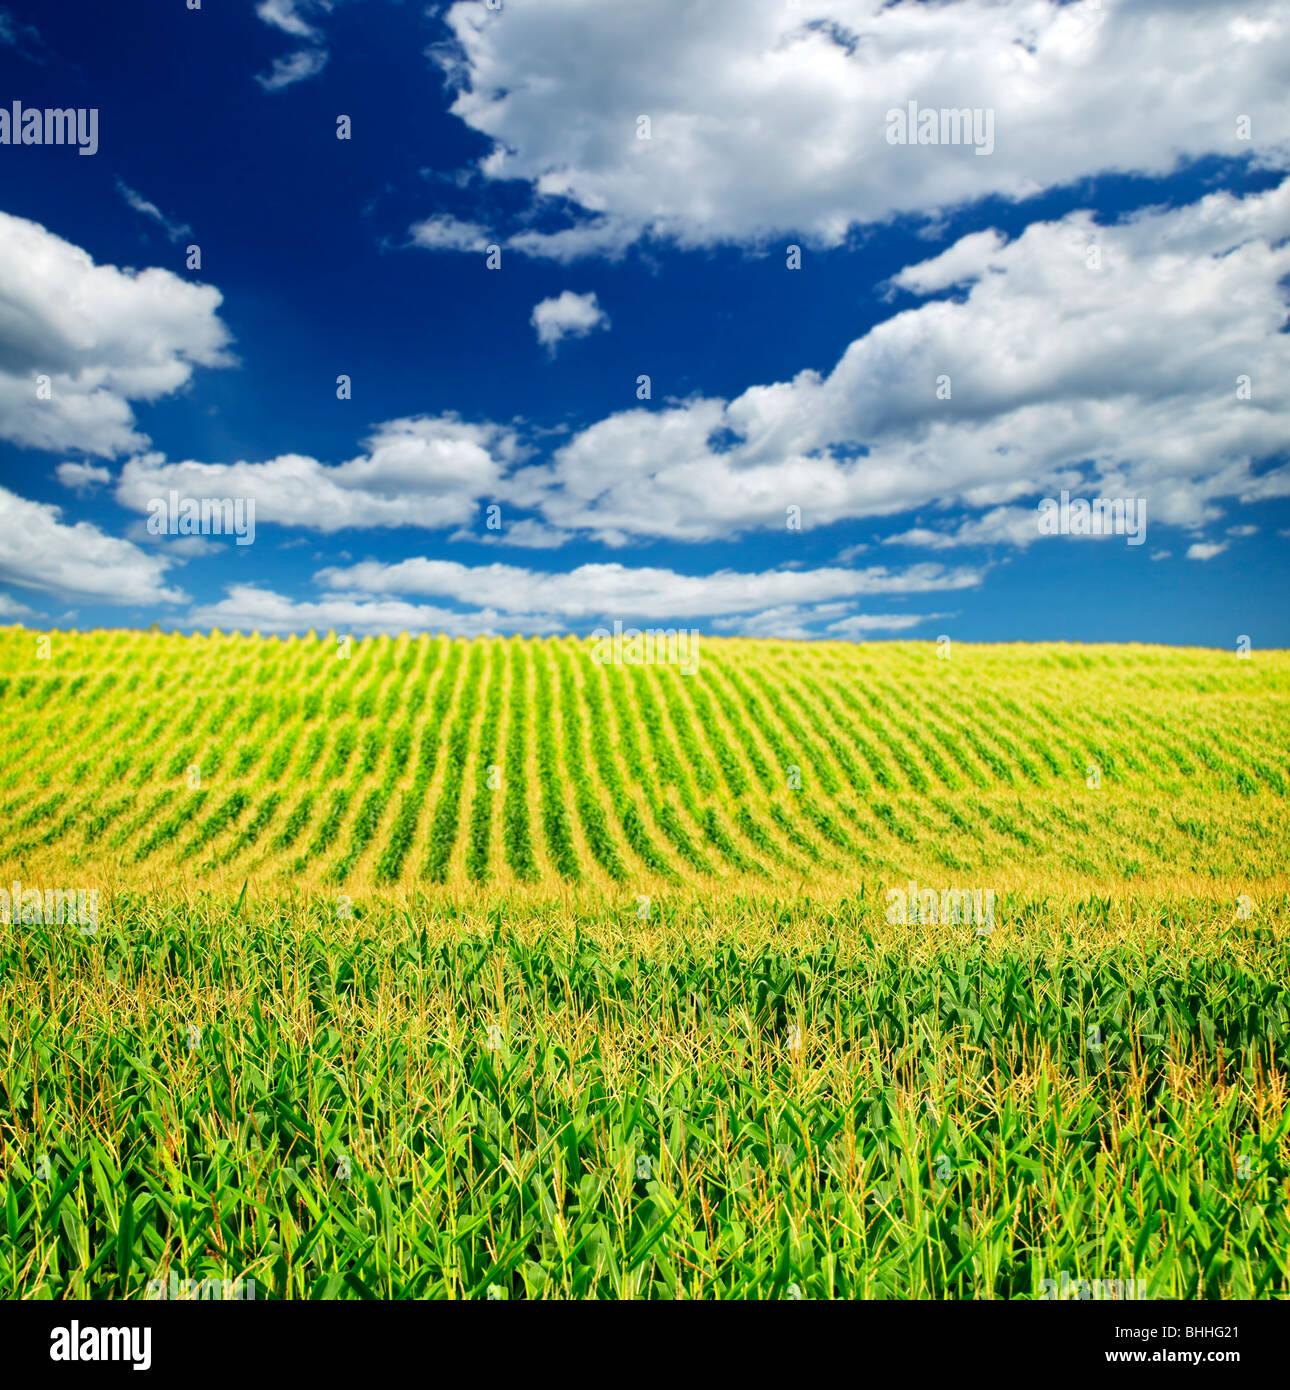 El paisaje agrícola de campo de maíz en pequeña escala agrícola sostenible Imagen De Stock